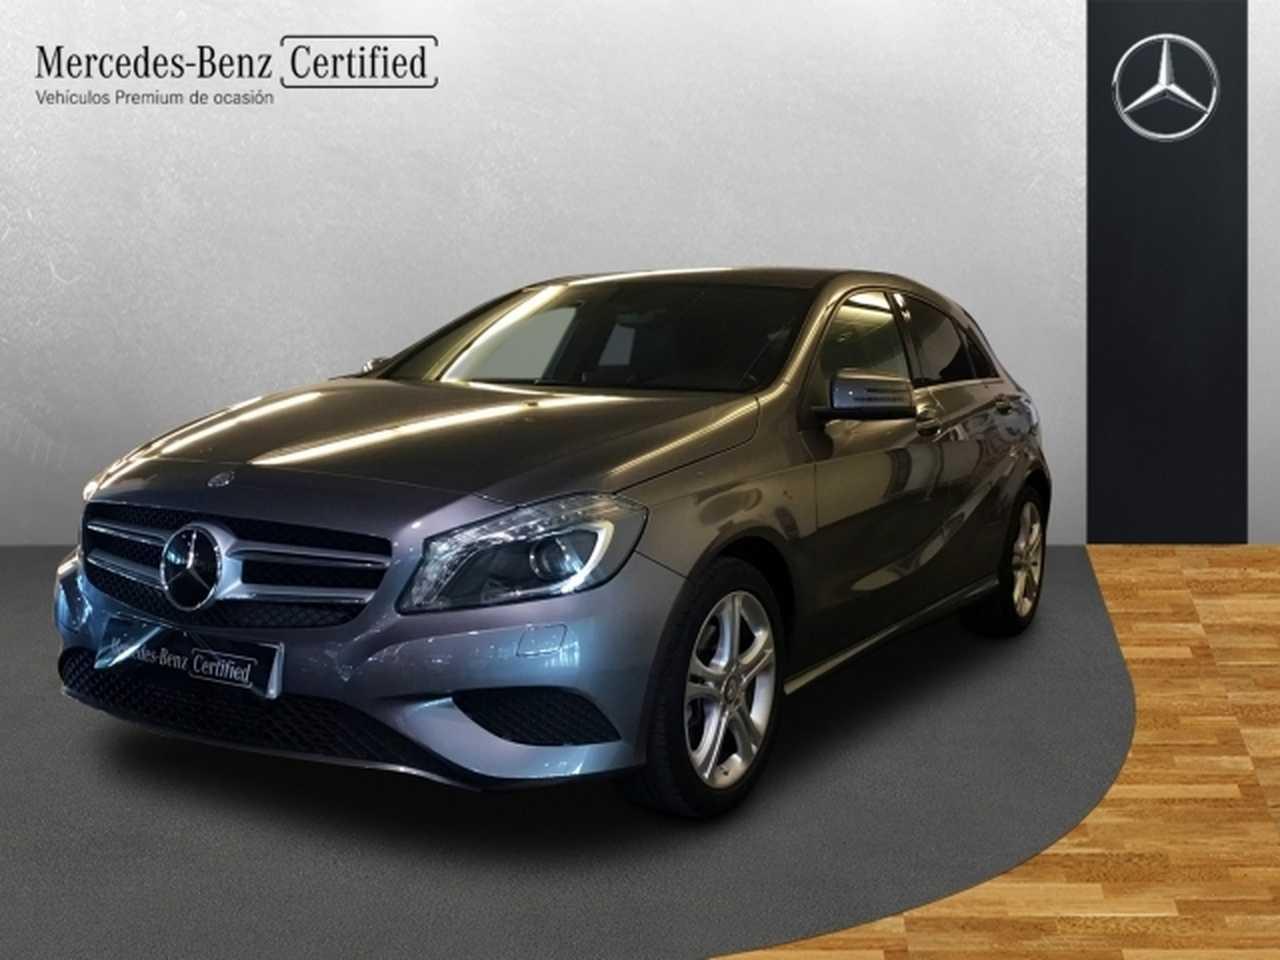 Mercedes Clase A 200 CDI Urban  - Foto 1